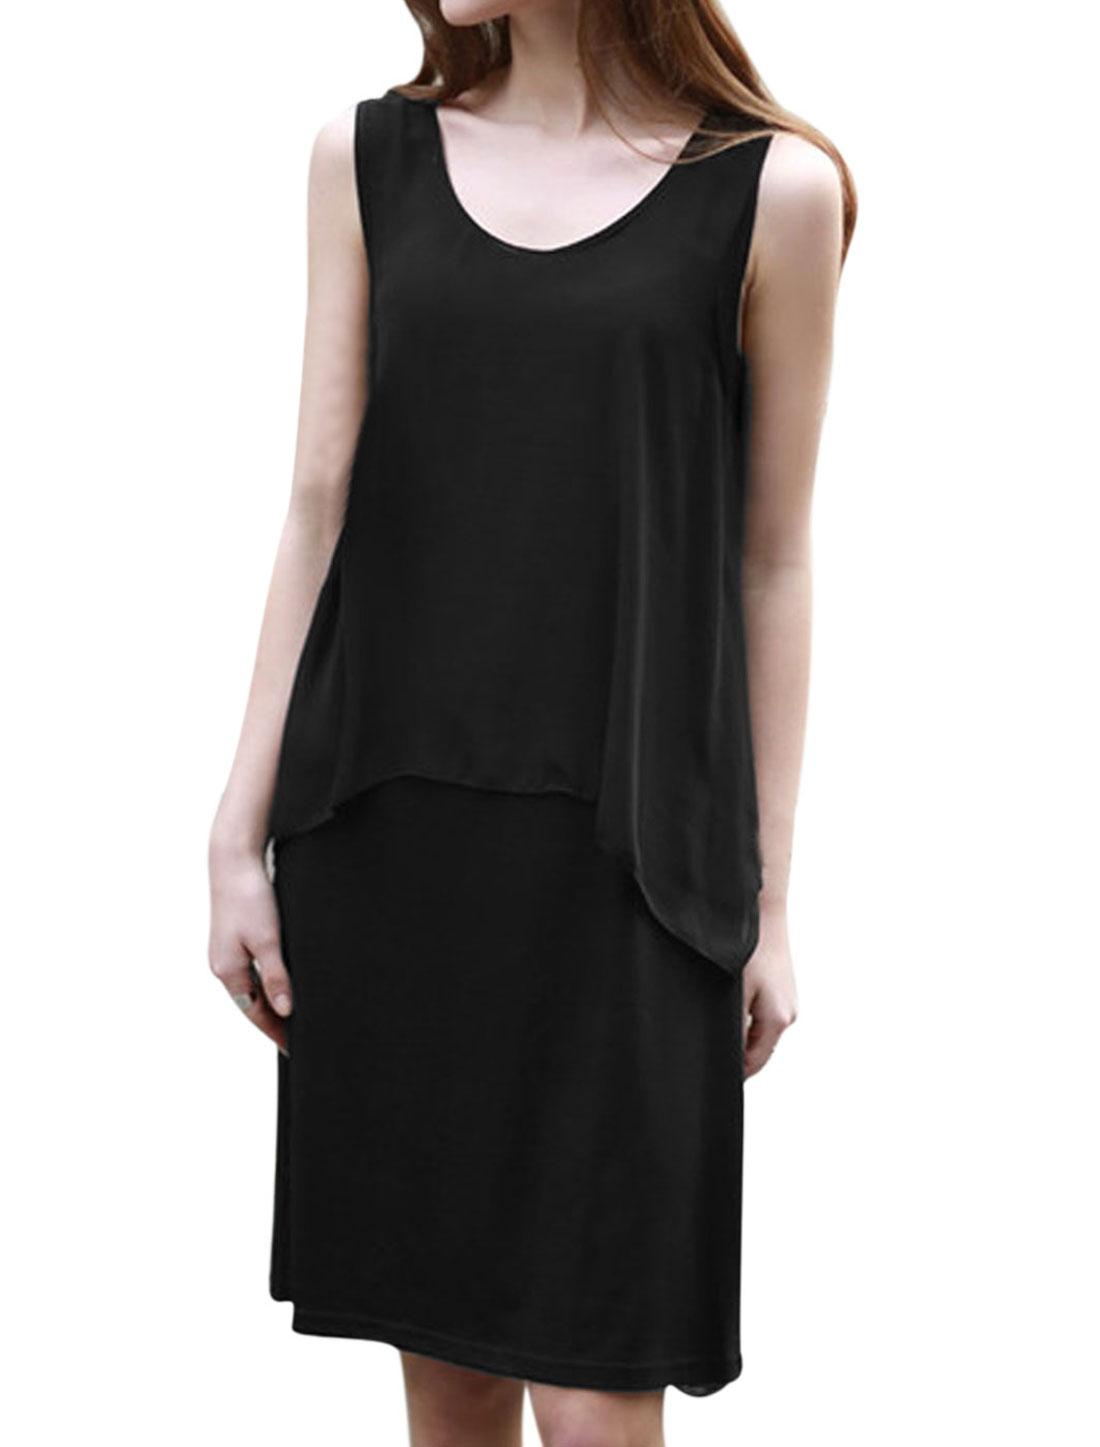 Women Chiffon Panel Scoop Neck Layered Tank Dress Black M